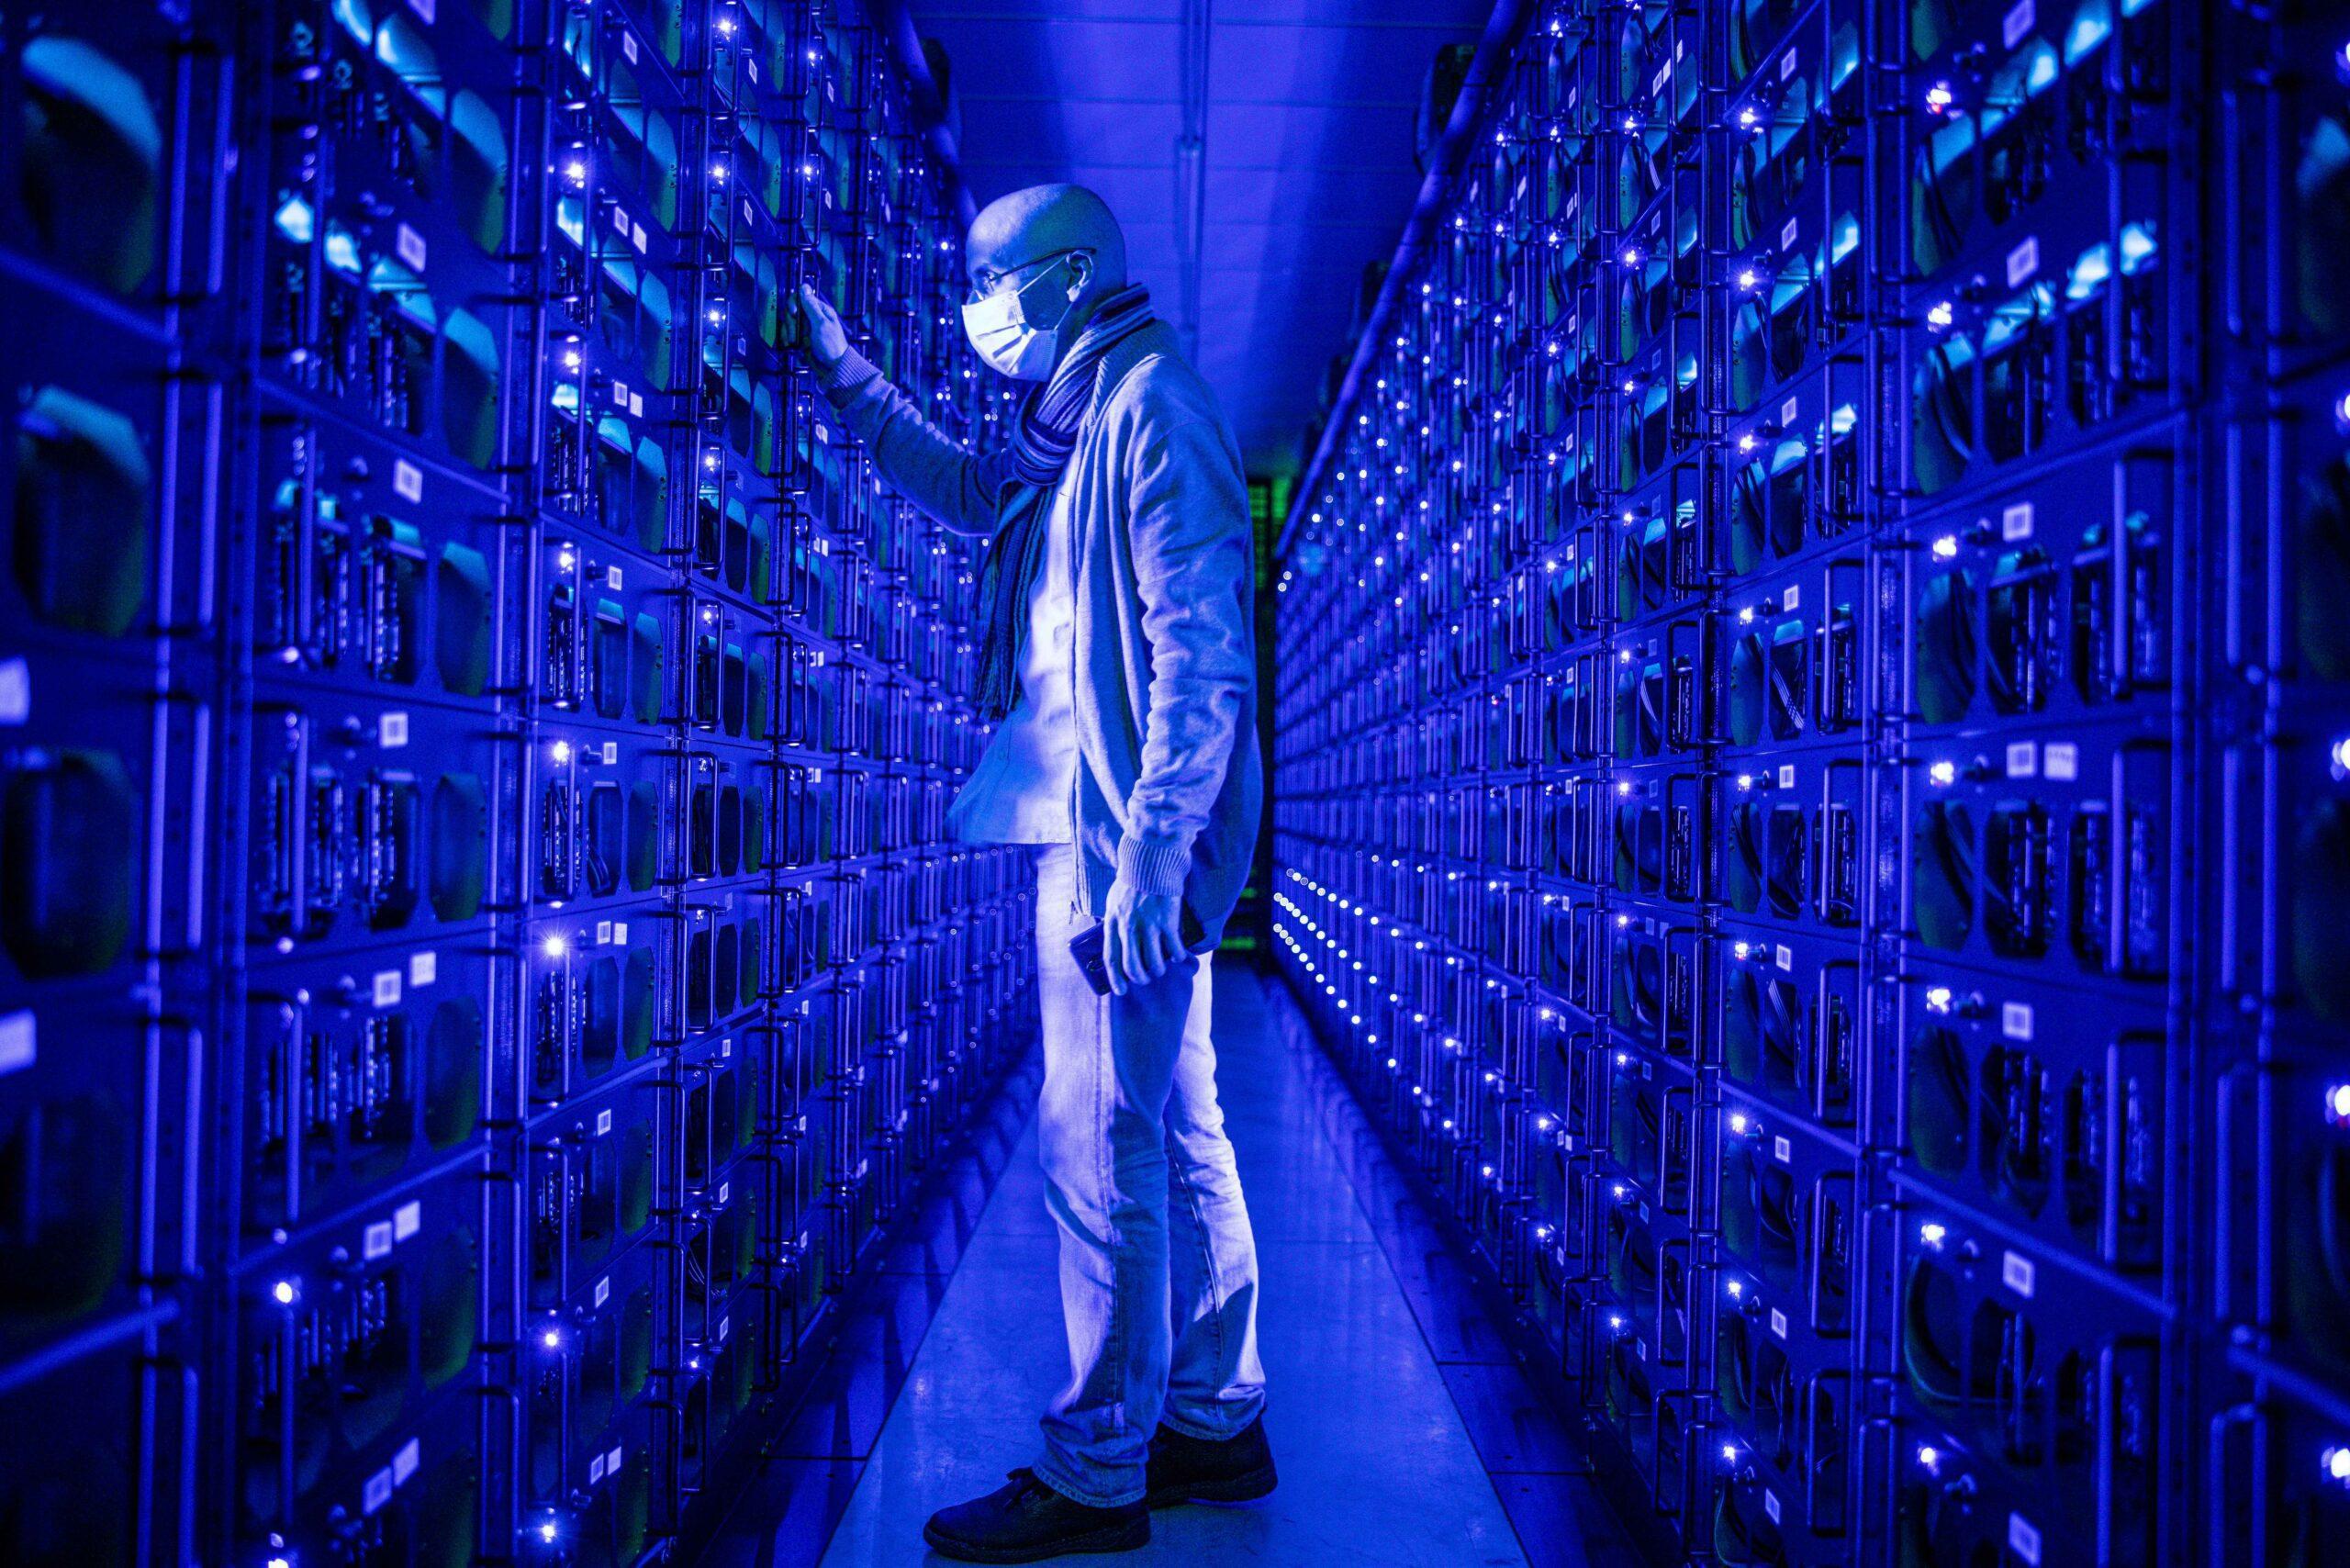 gettyimages 1230723417 scaled - <b>В Україні почне діяти закон, який регулюватиме обіг криптовалюти.</b> Чому він потрібен та чи будуть зміни в користуванні цифровими грошима в Україні - Заборона